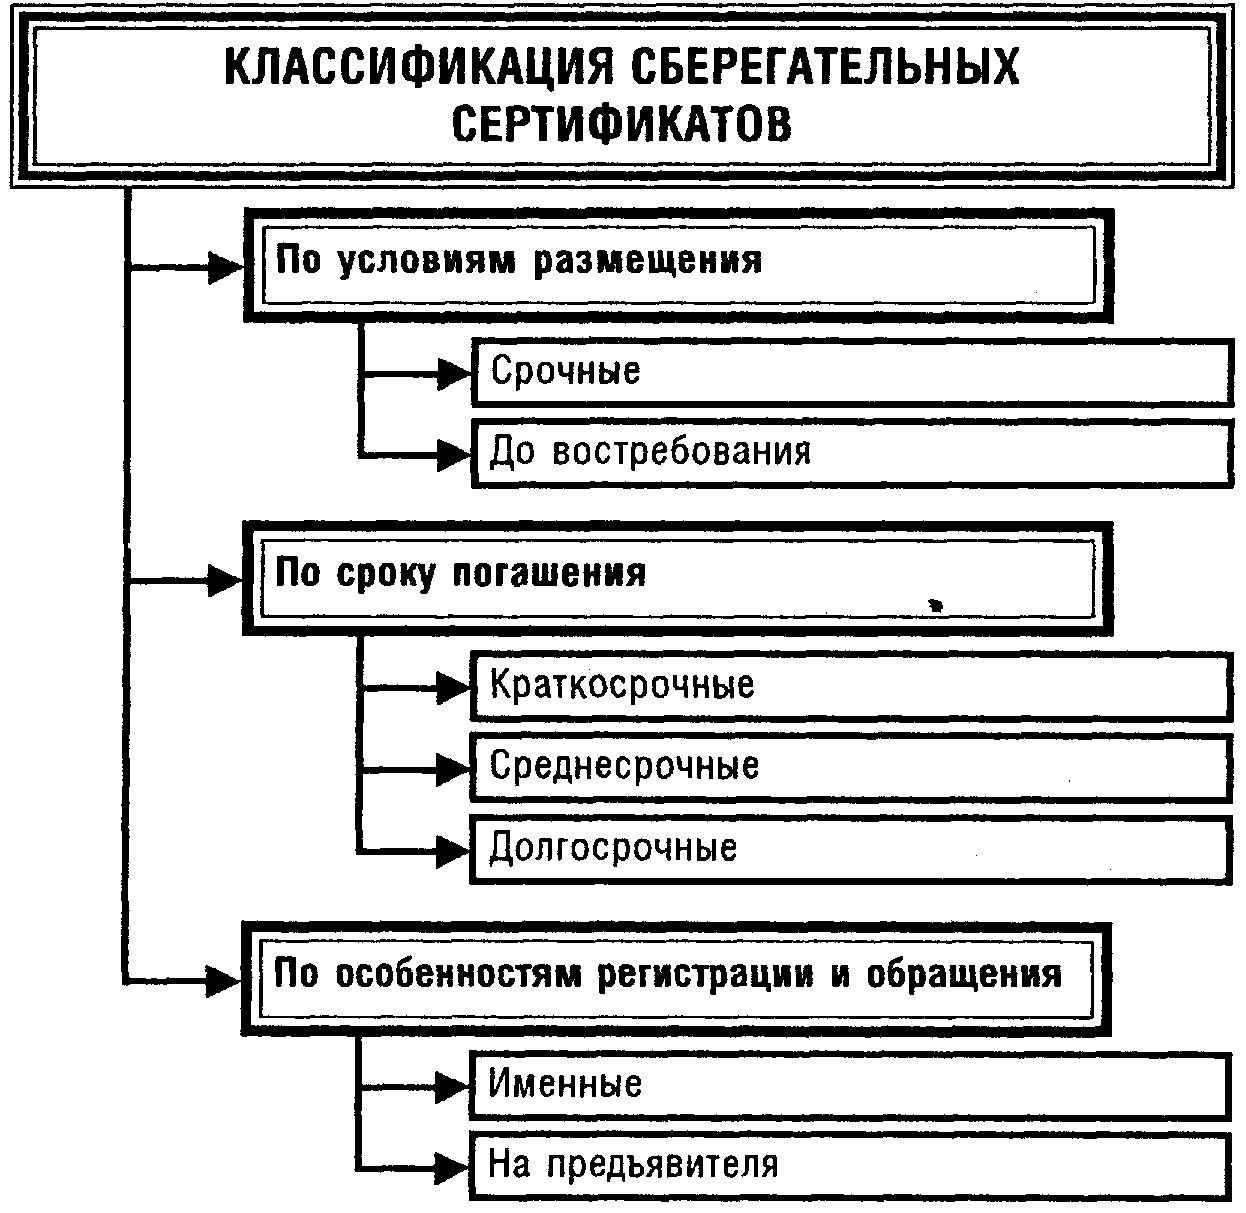 Классификация сберегательных сертификатов